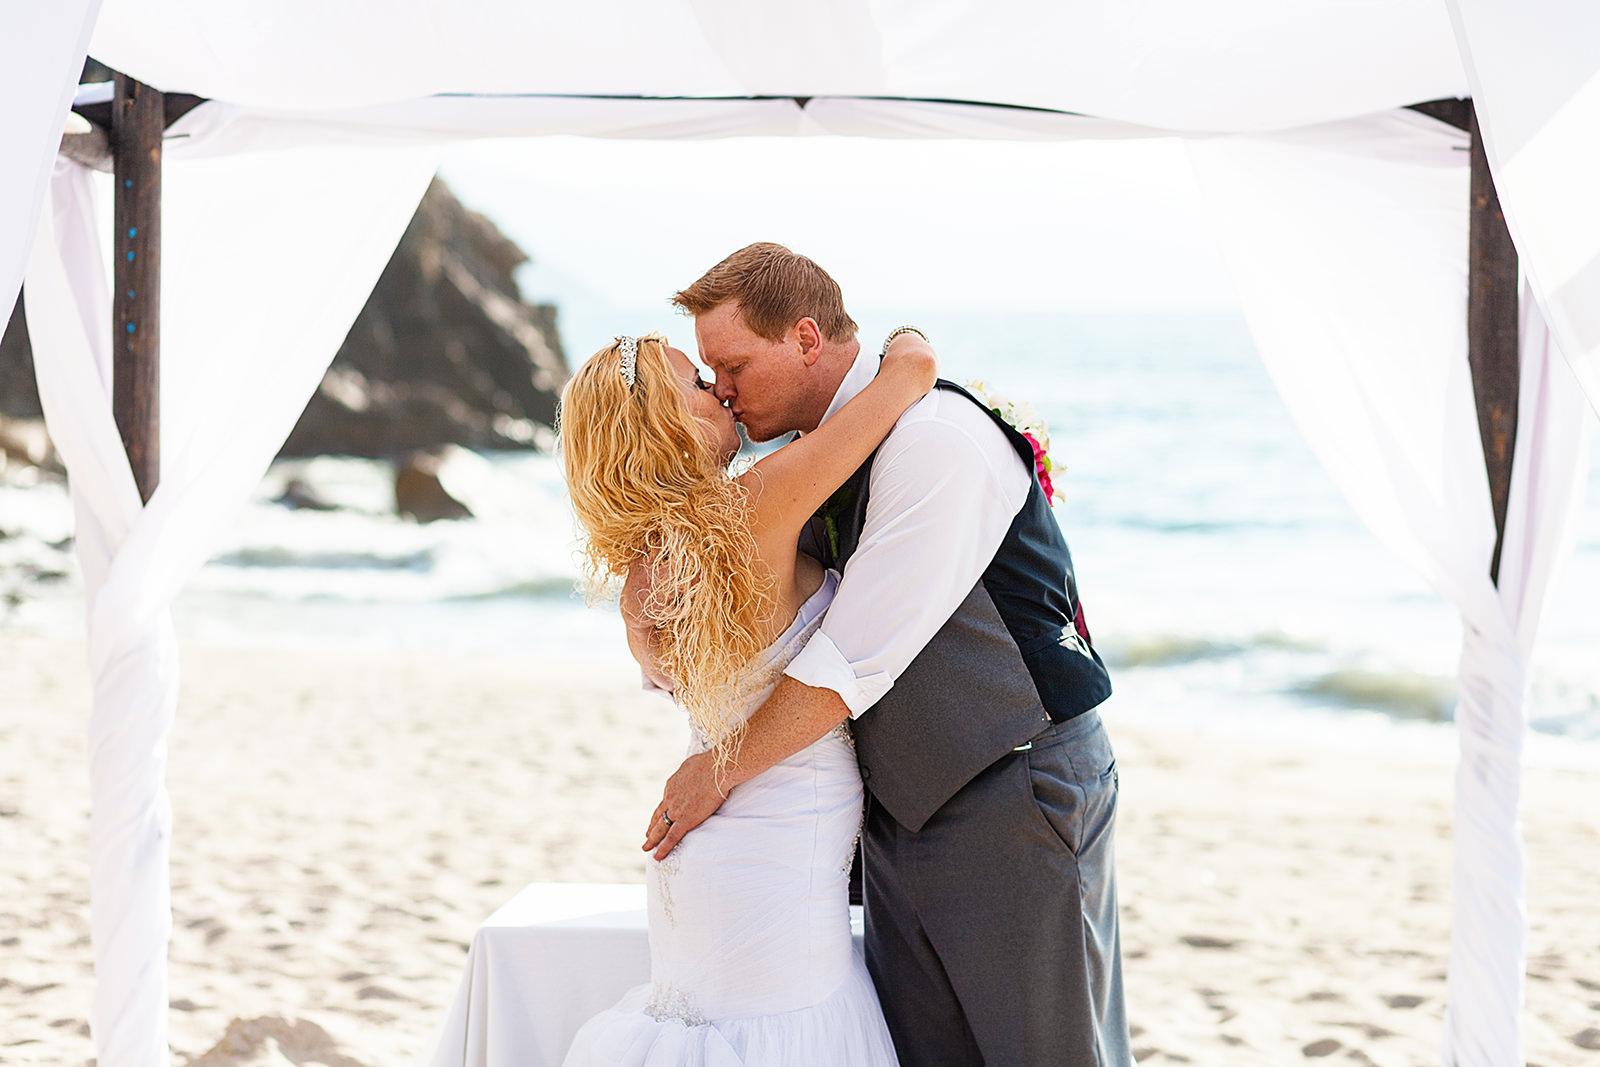 wedding couple's first kiss on their beach ceremony under a chuppahp